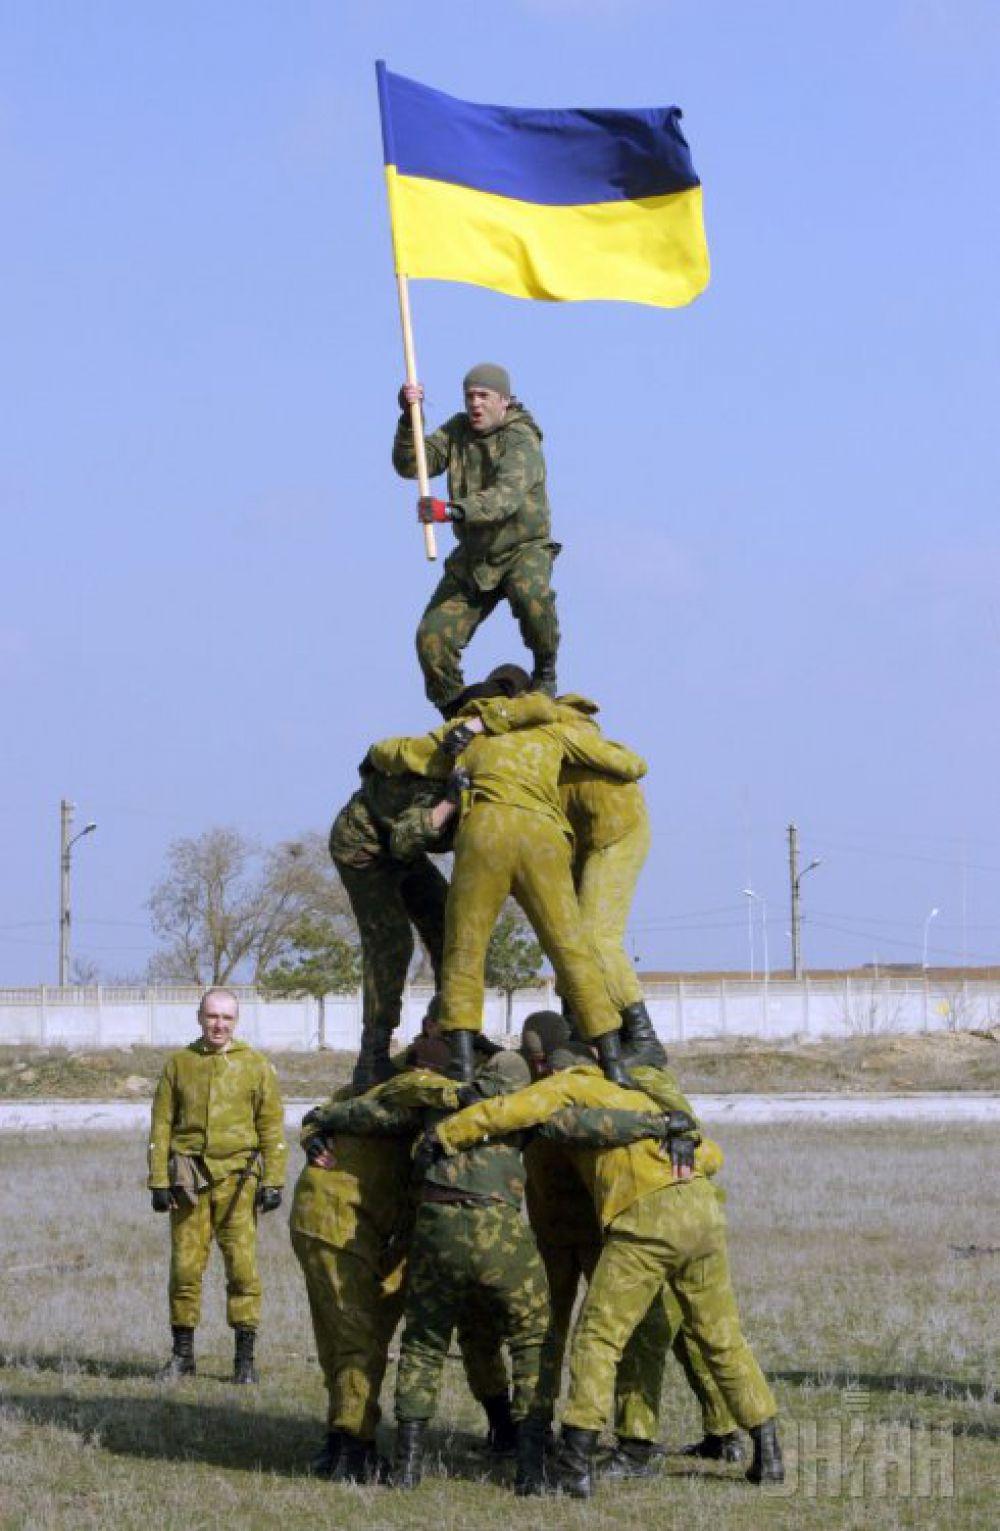 В 2013 году на украинскую армию выделили 0,97% от ВВП. Это 15,2 млрд грн. Впервые за несколько последних лет финансирование Вооруженных сил оказалось меньше показателя 1% ВВП страны